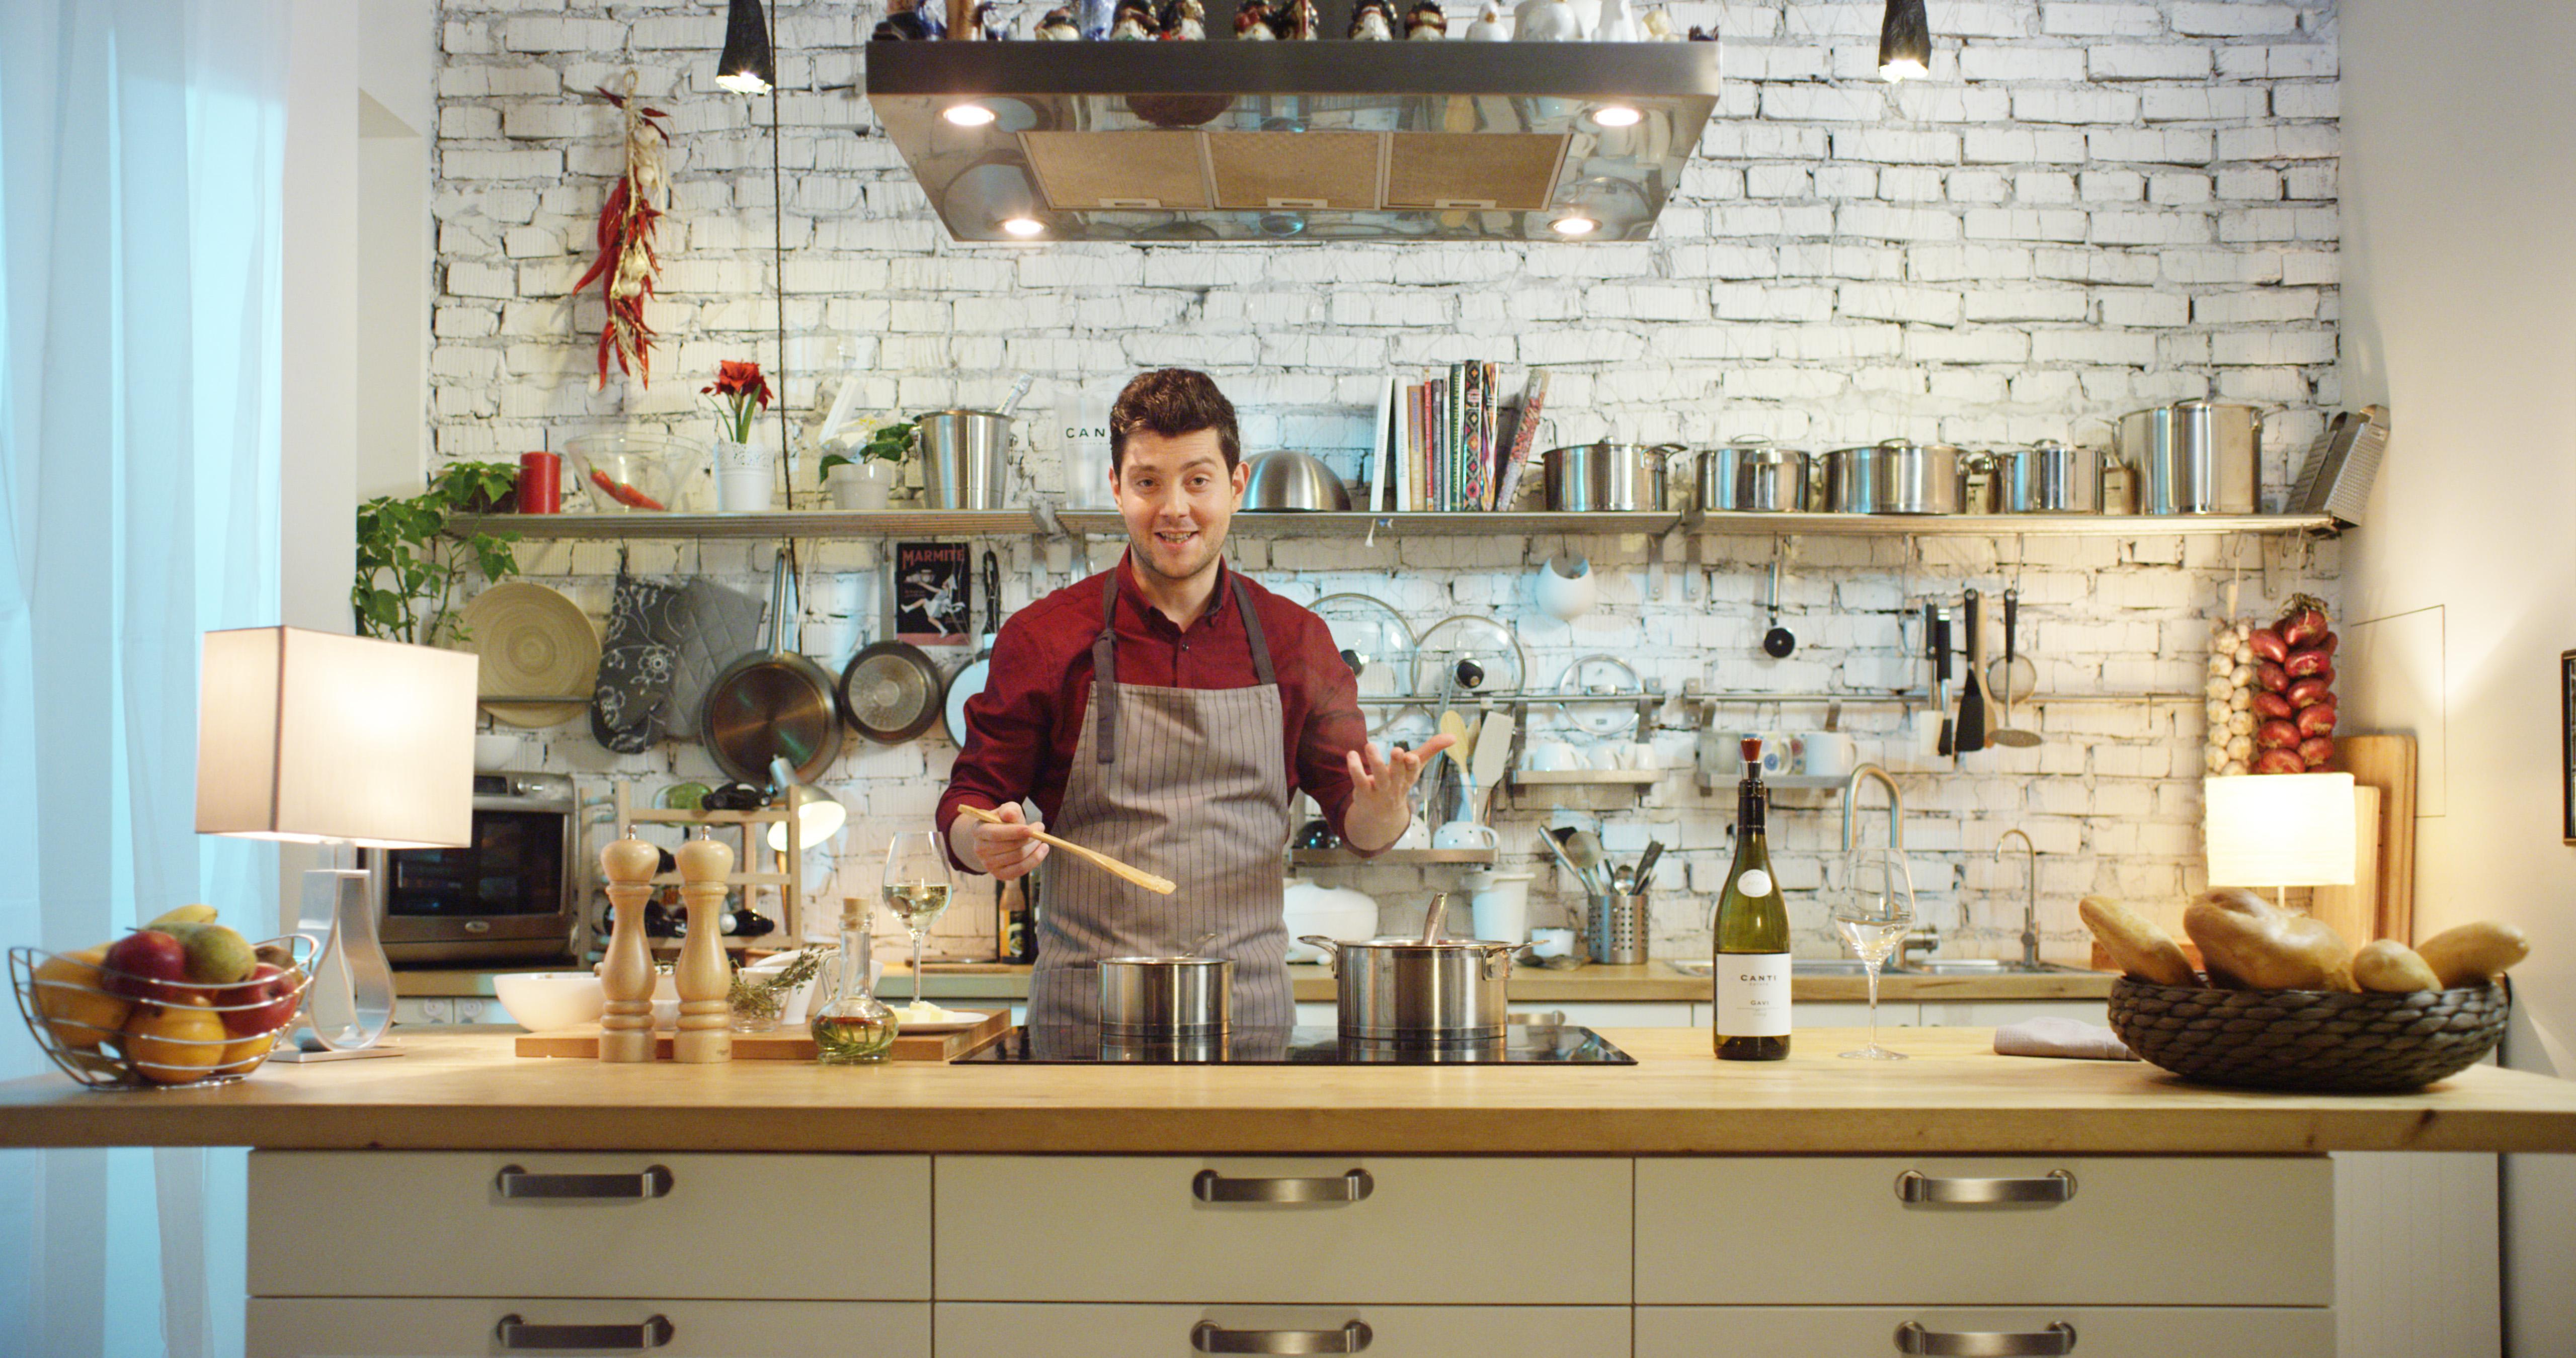 Первое в мире инстаграм-кафе от винного бренда Canti